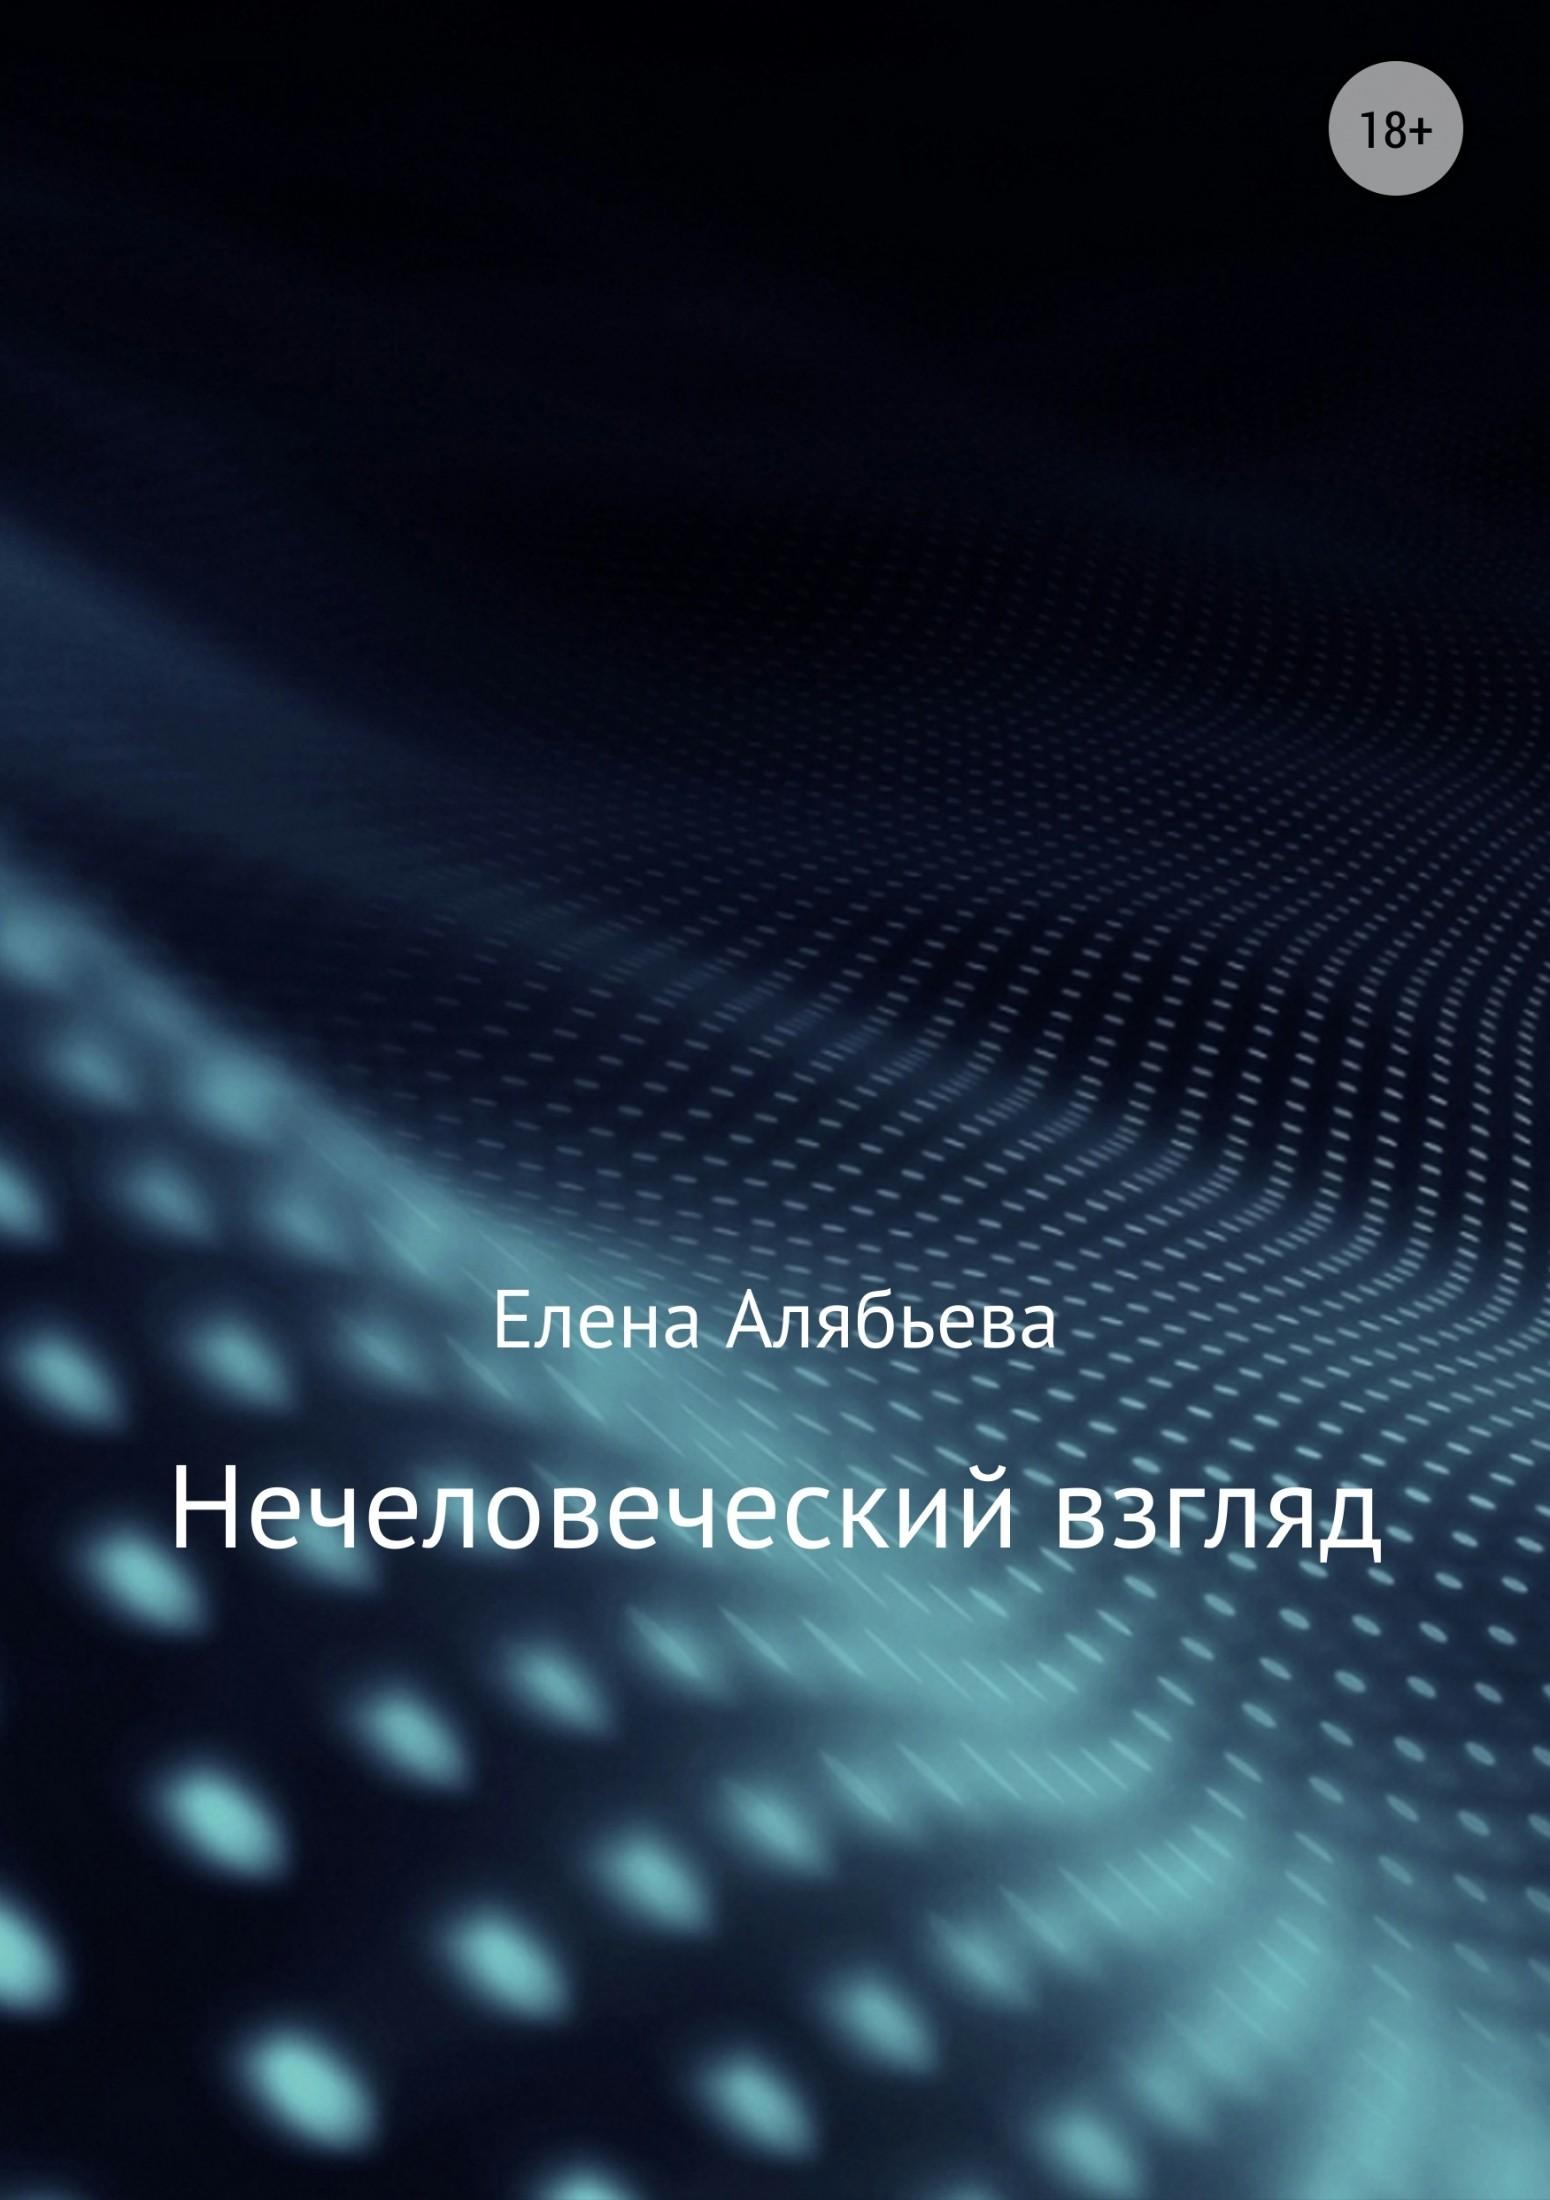 Елена Алябьева - Нечеловеческий взгляд